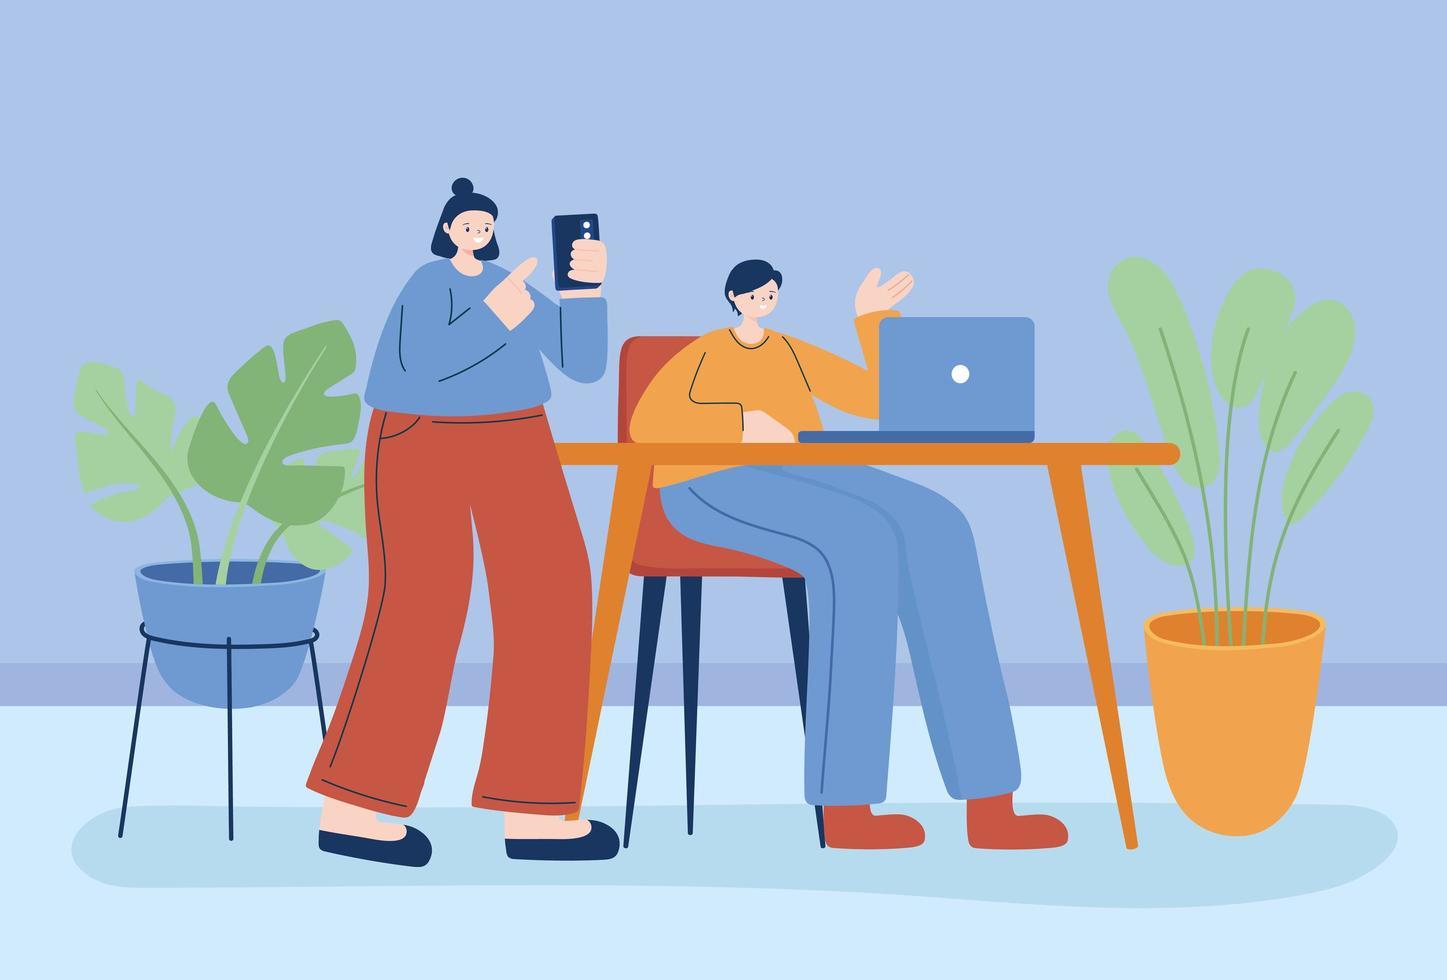 junge Leute, die an ihren elektronischen Geräten arbeiten vektor